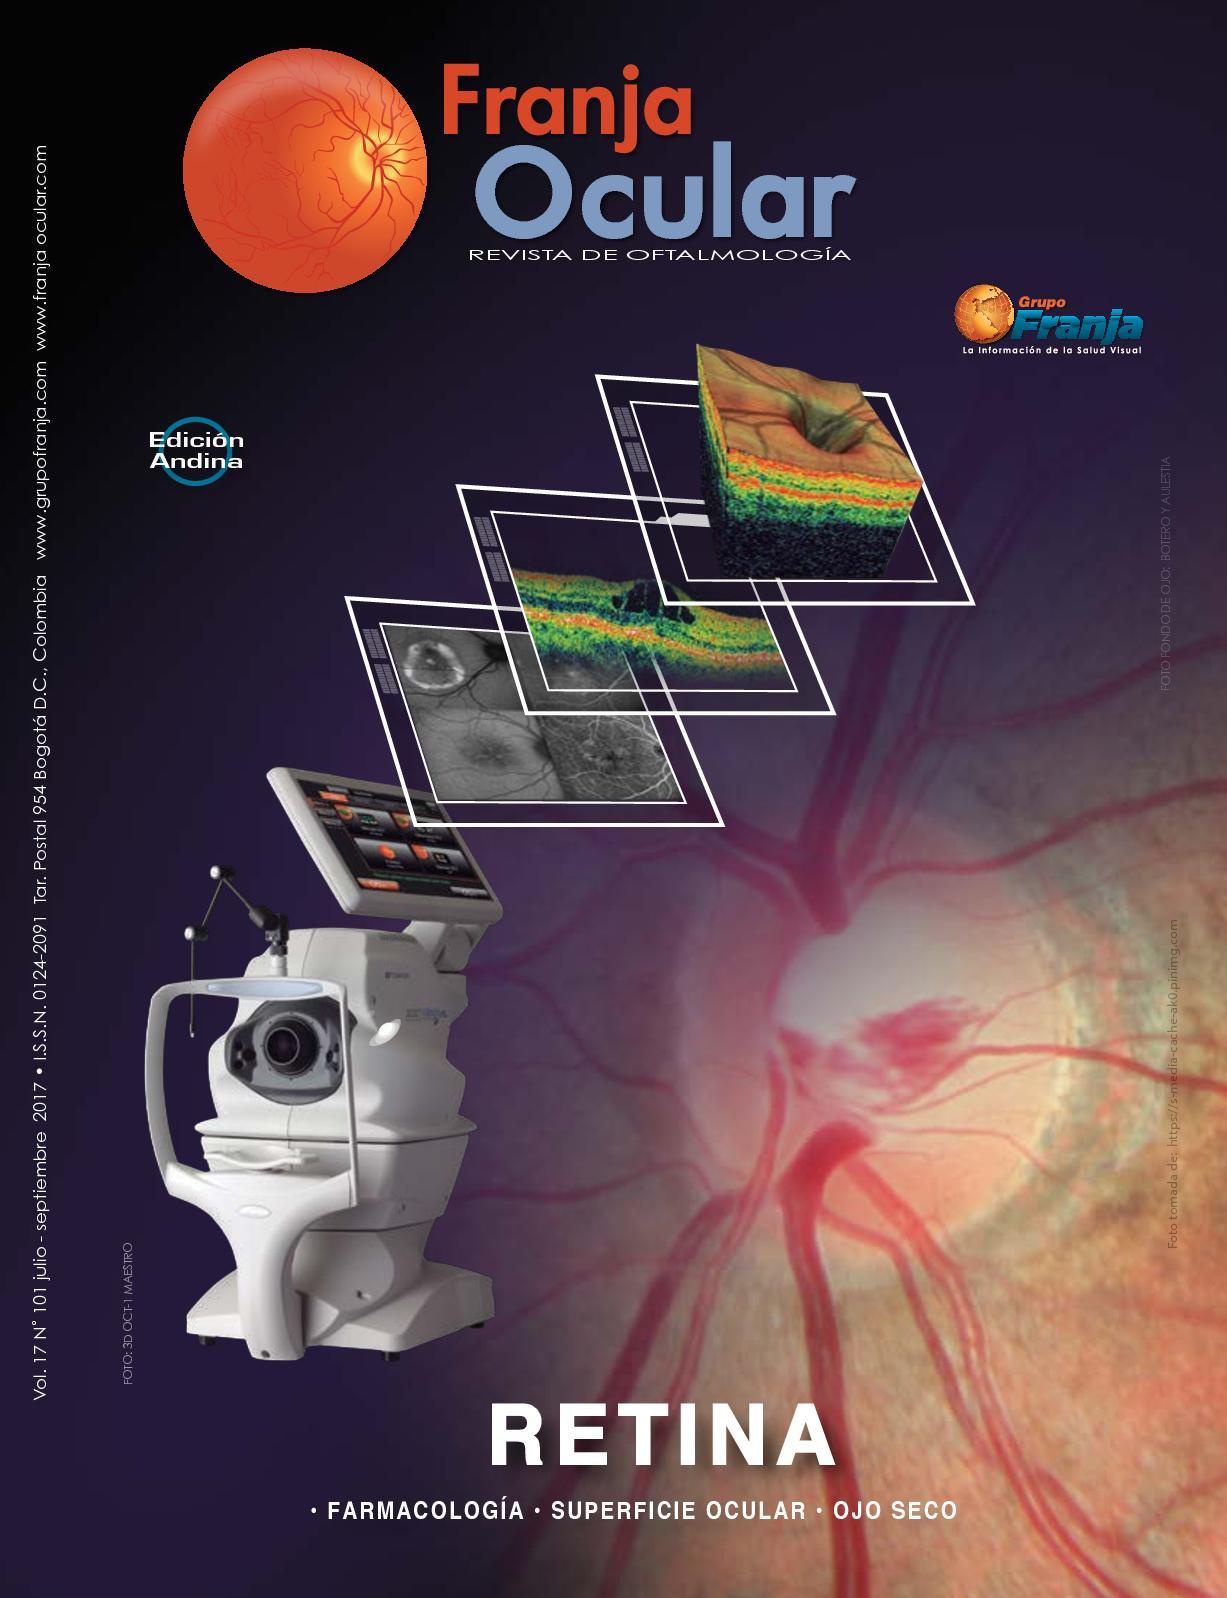 desprendimiento de retina traccional cura de diabetes